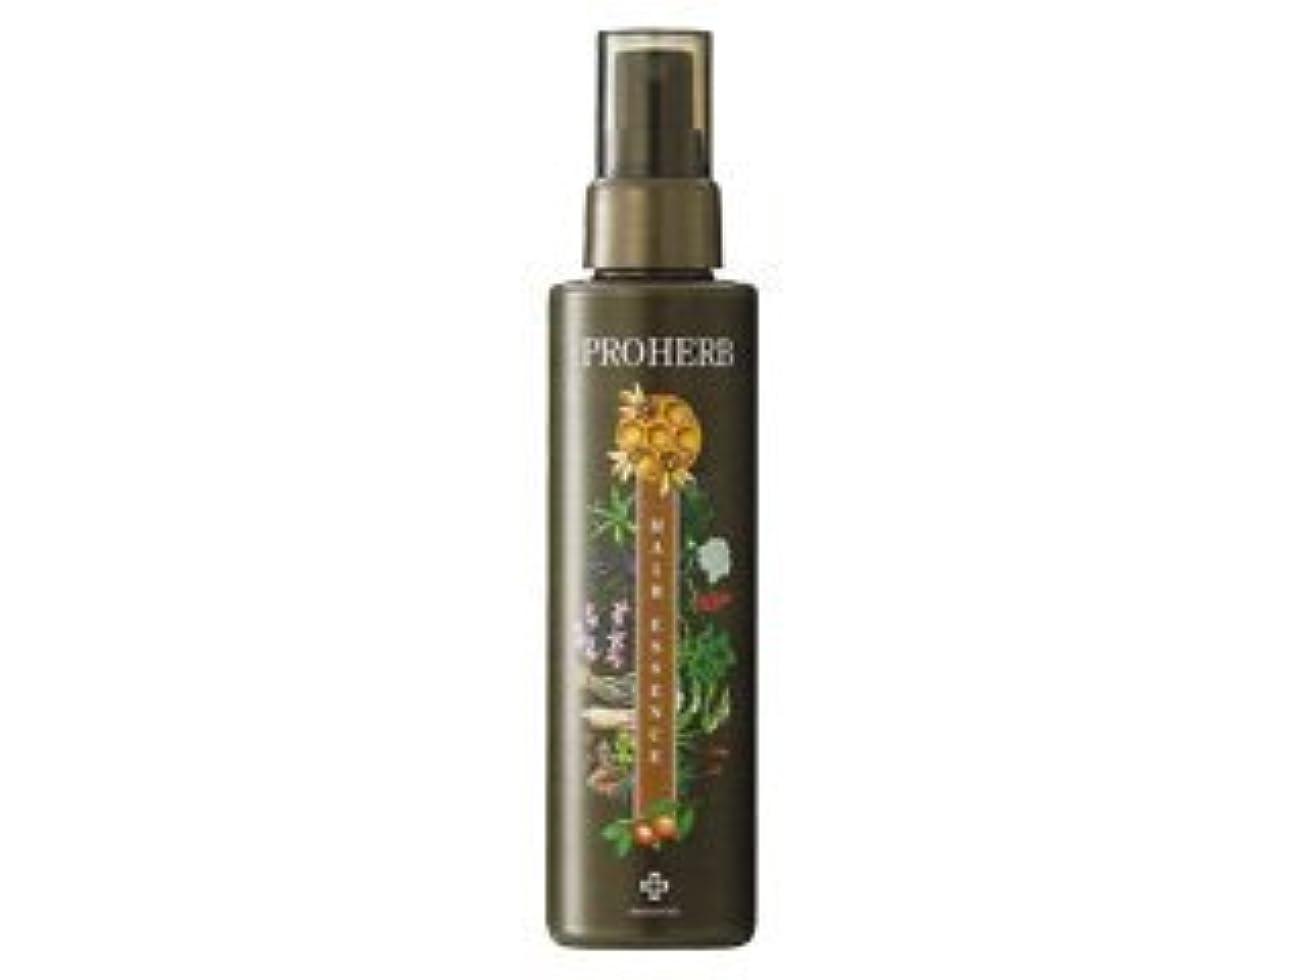 聖職者十二圧縮されたプロハーブEM薬用育毛剤 150ml ※頭皮を柔らかく整え、強くたくましい髪を育てます!